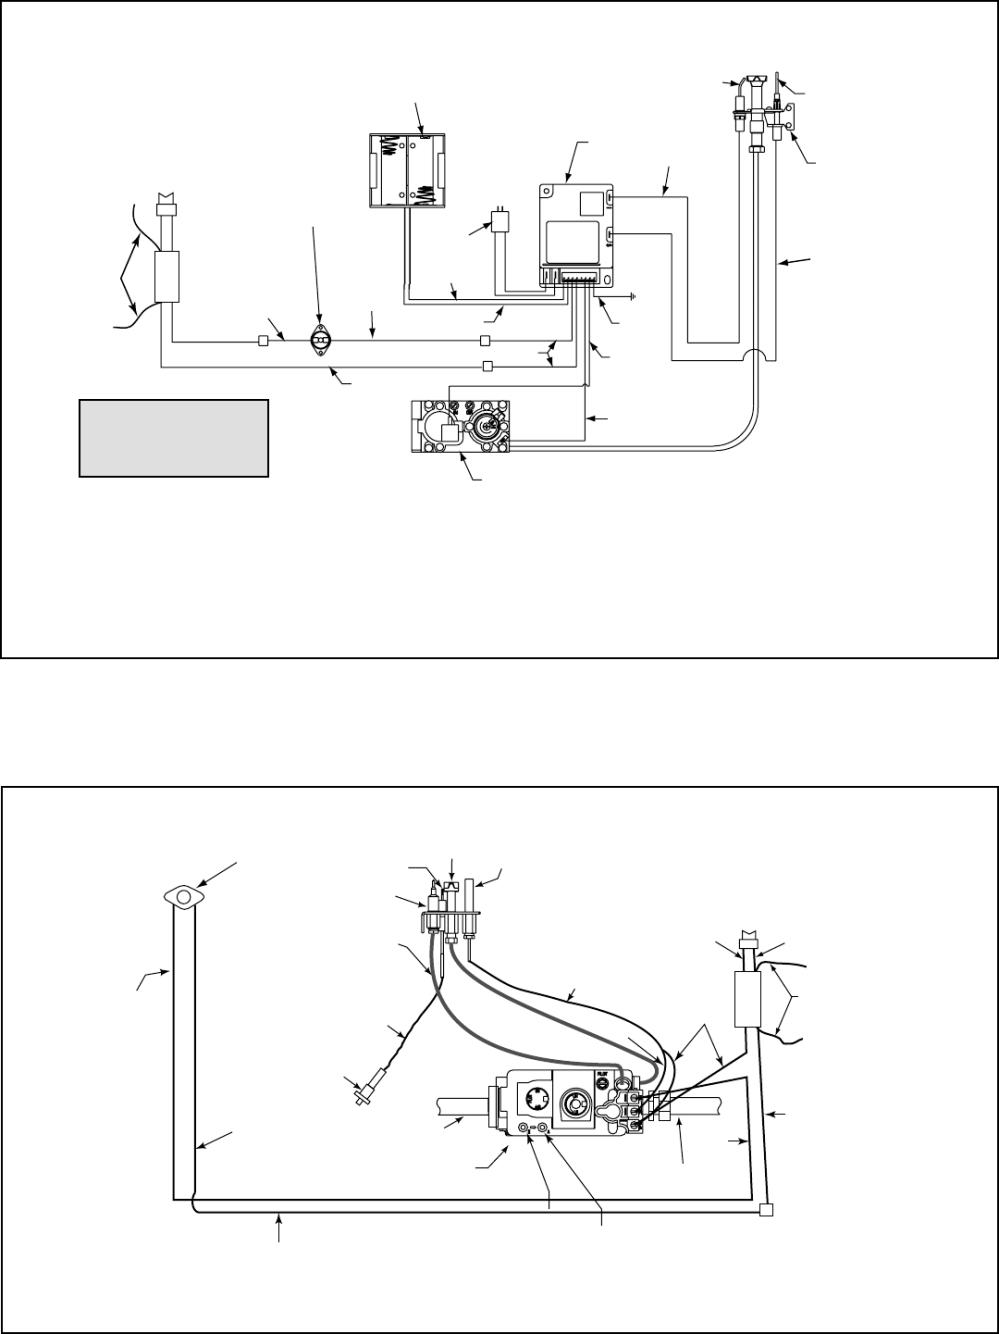 medium resolution of 22 heatilator novus nbv 4055 188 rev c 04 08